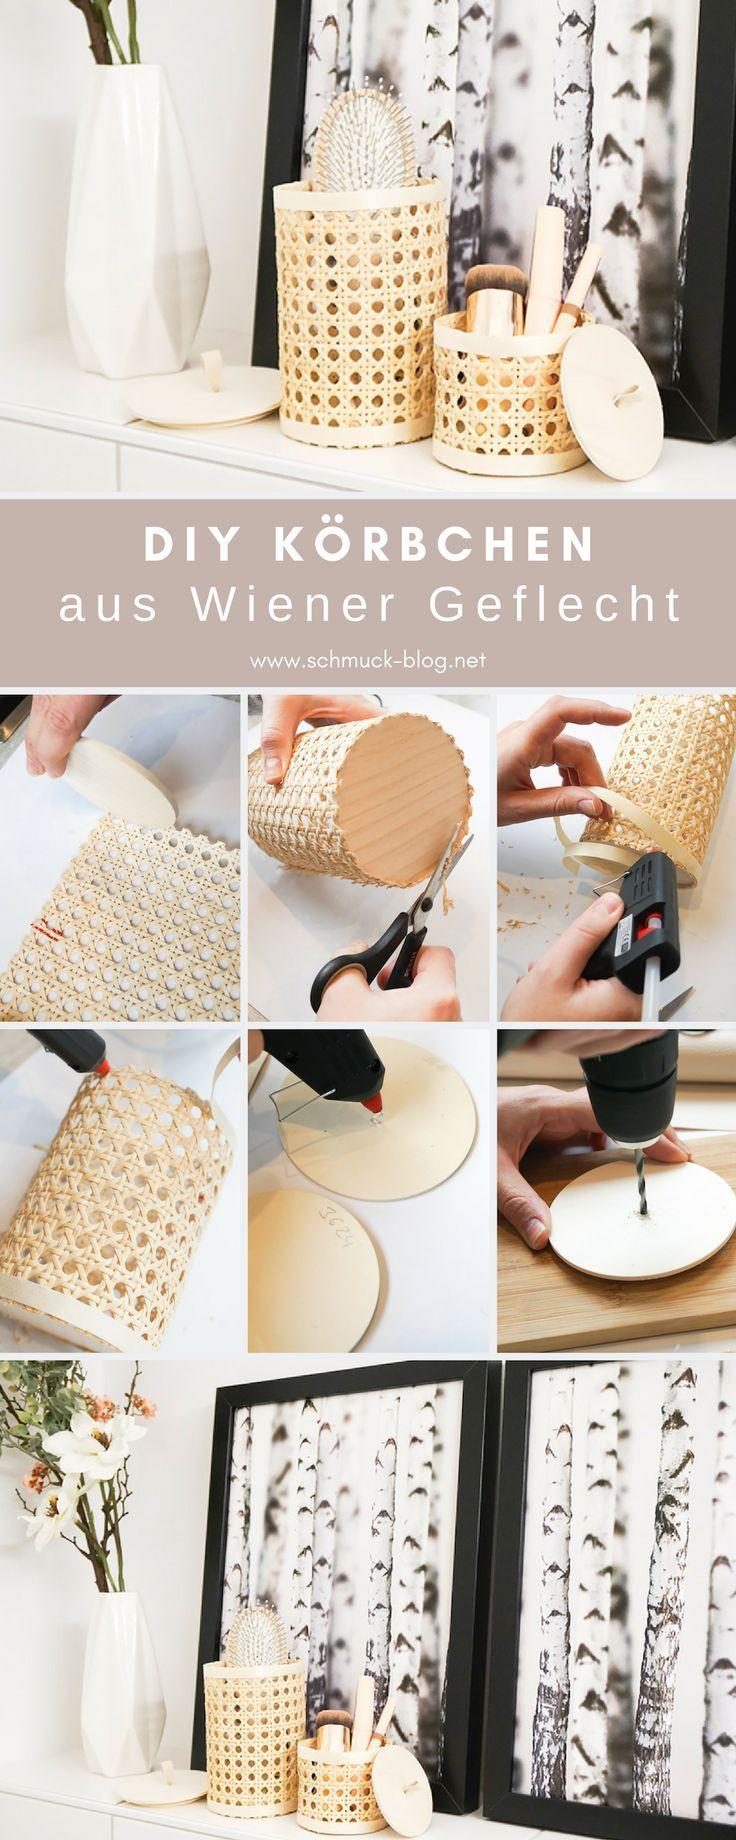 DIY Körbchen aus Wiener Geflecht basteln